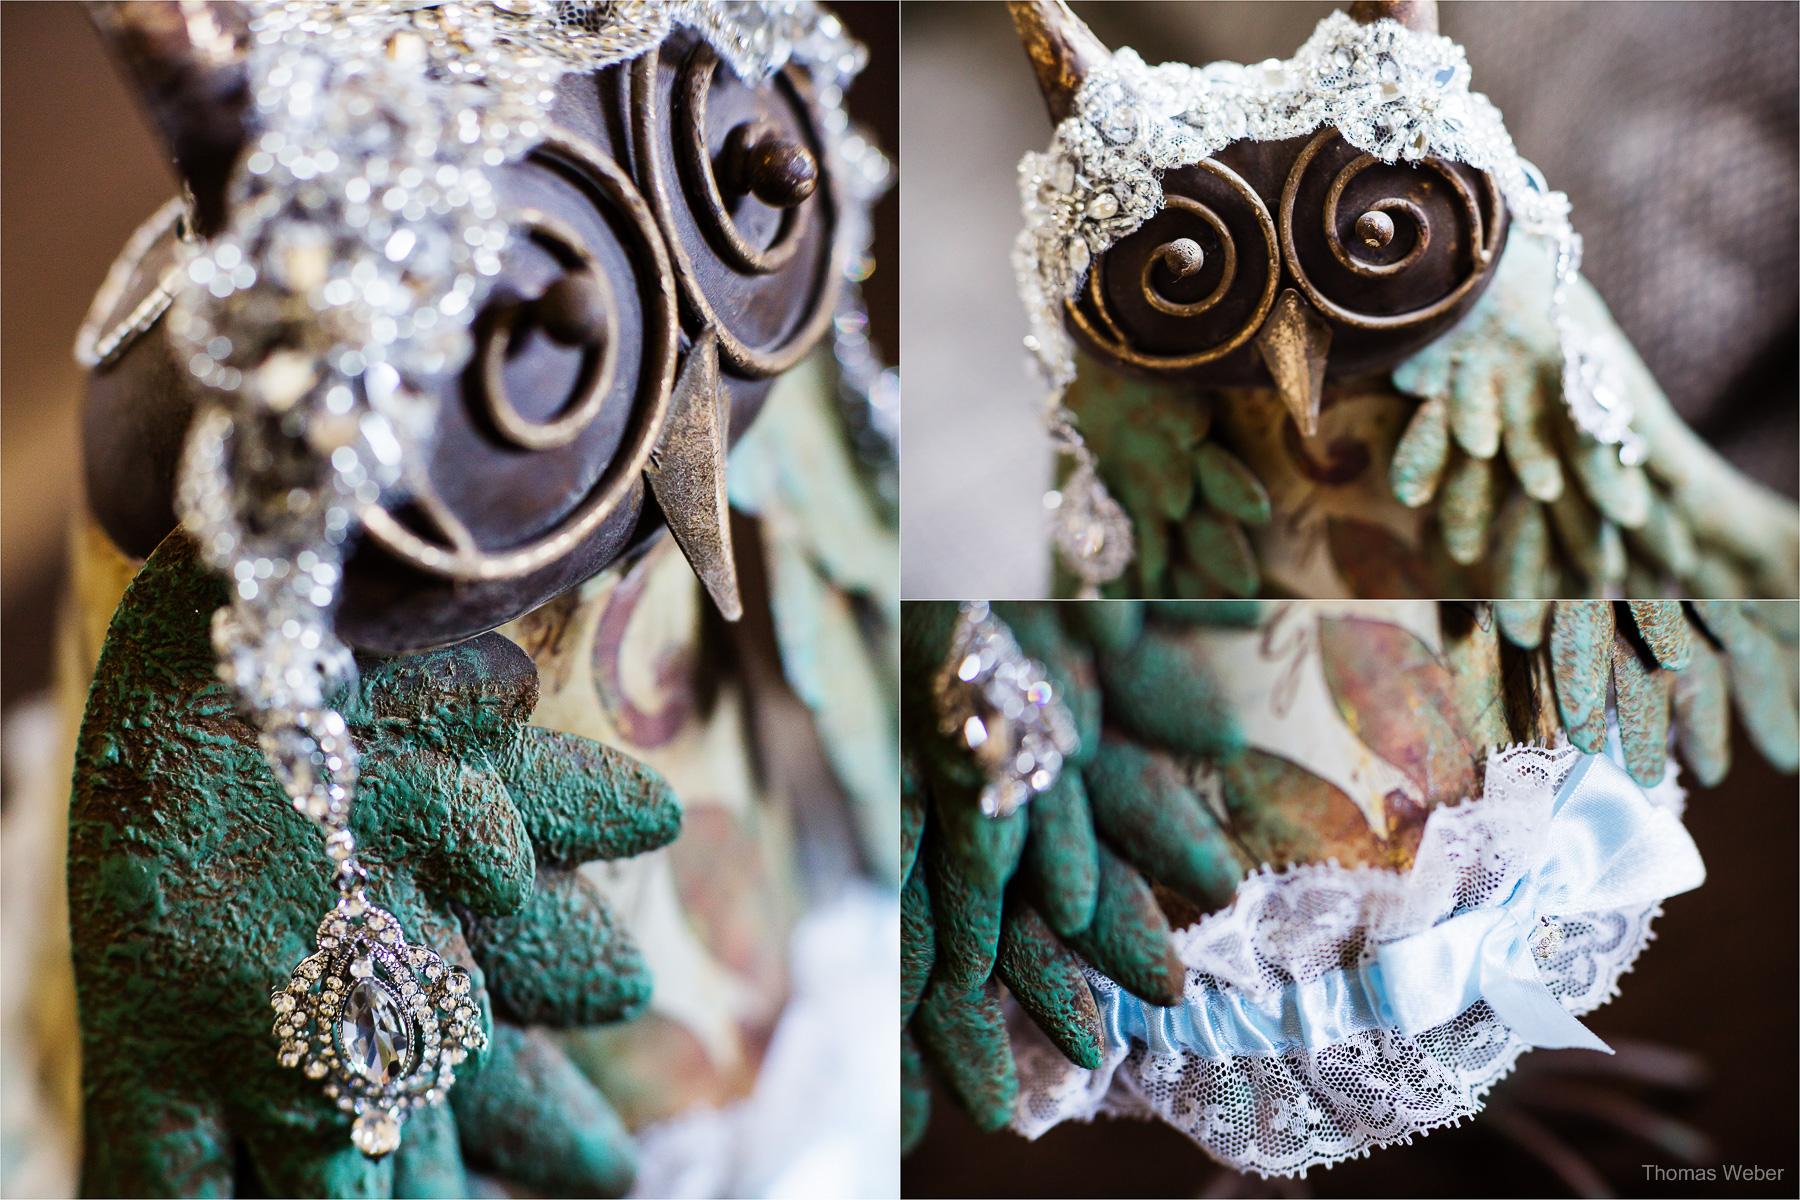 Hochzeit auf dem Gut Sandheide und Hochzeitsfeier in der Eventscheune St. Georg in Rastede, Hochzeitsfotograf Thomas Weber aus Oldenburg